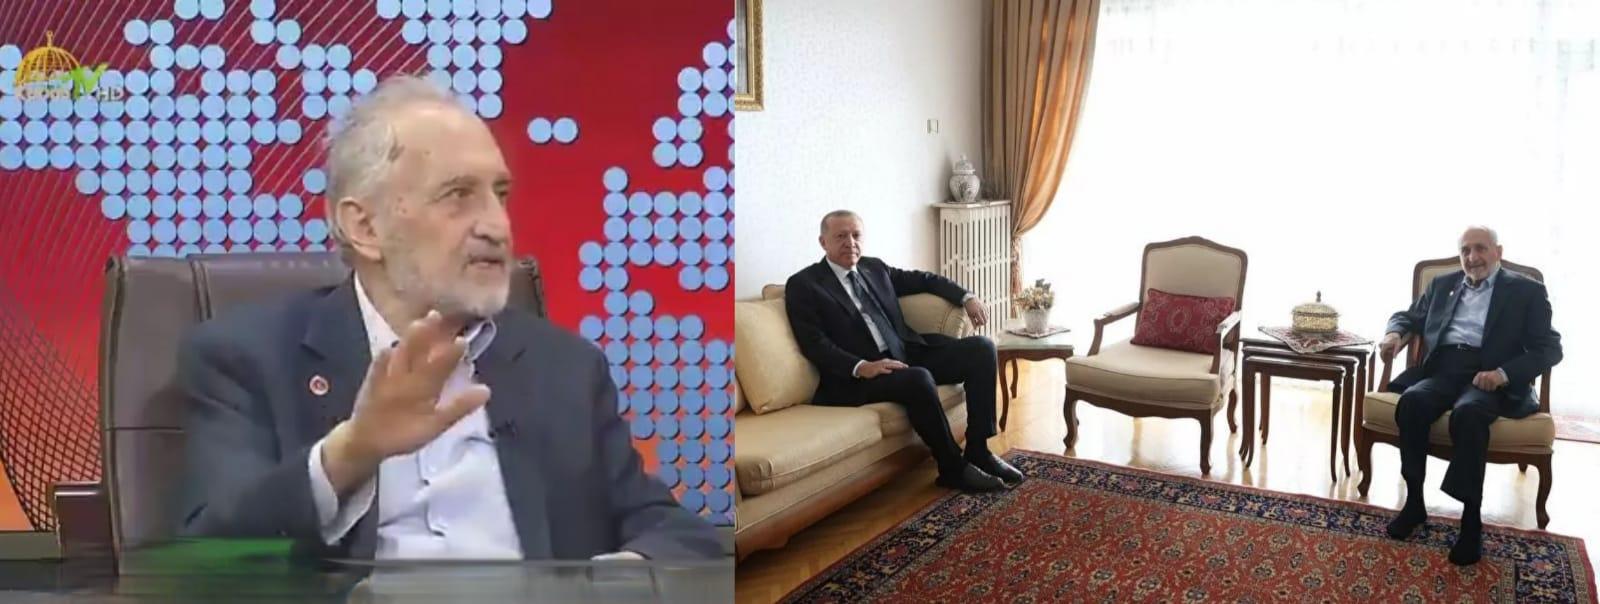 Oğuzhan Asiltürk: ''Erdoğan İstanbul Sözleşmesi kesin olarak kalkacak dedi''